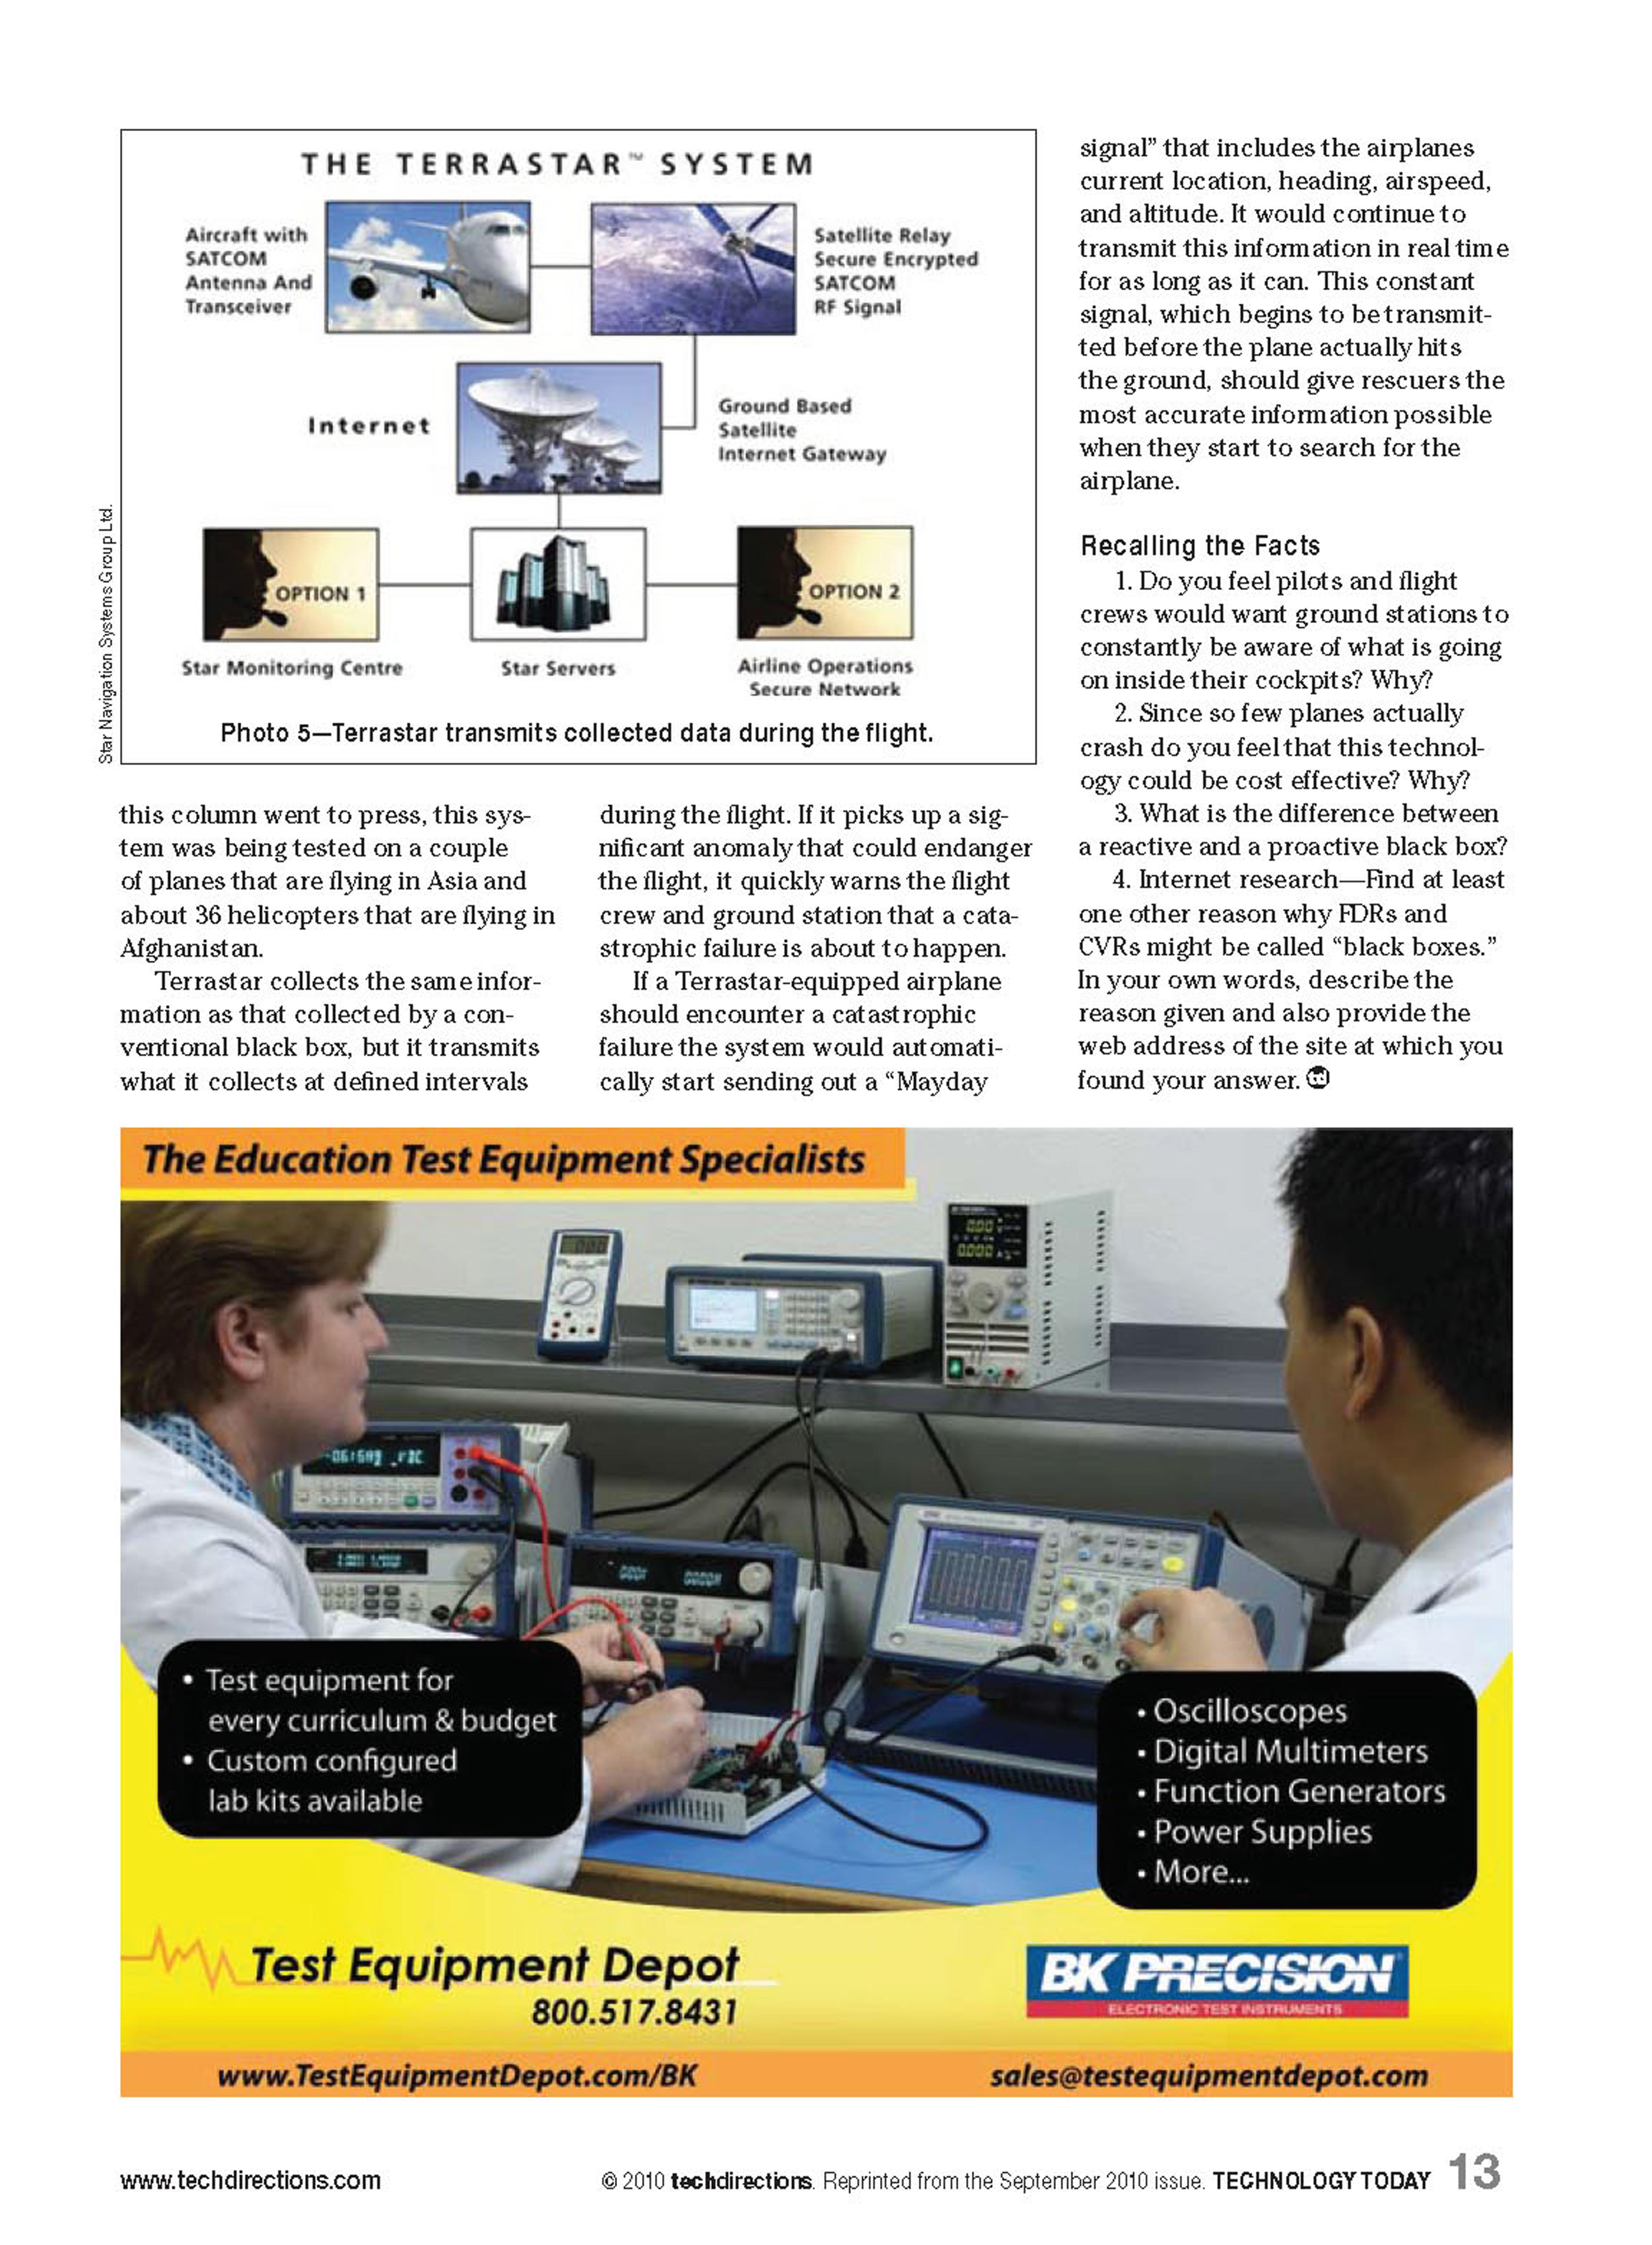 Hudescommunications Com: HudesCommunications.com - Part 2